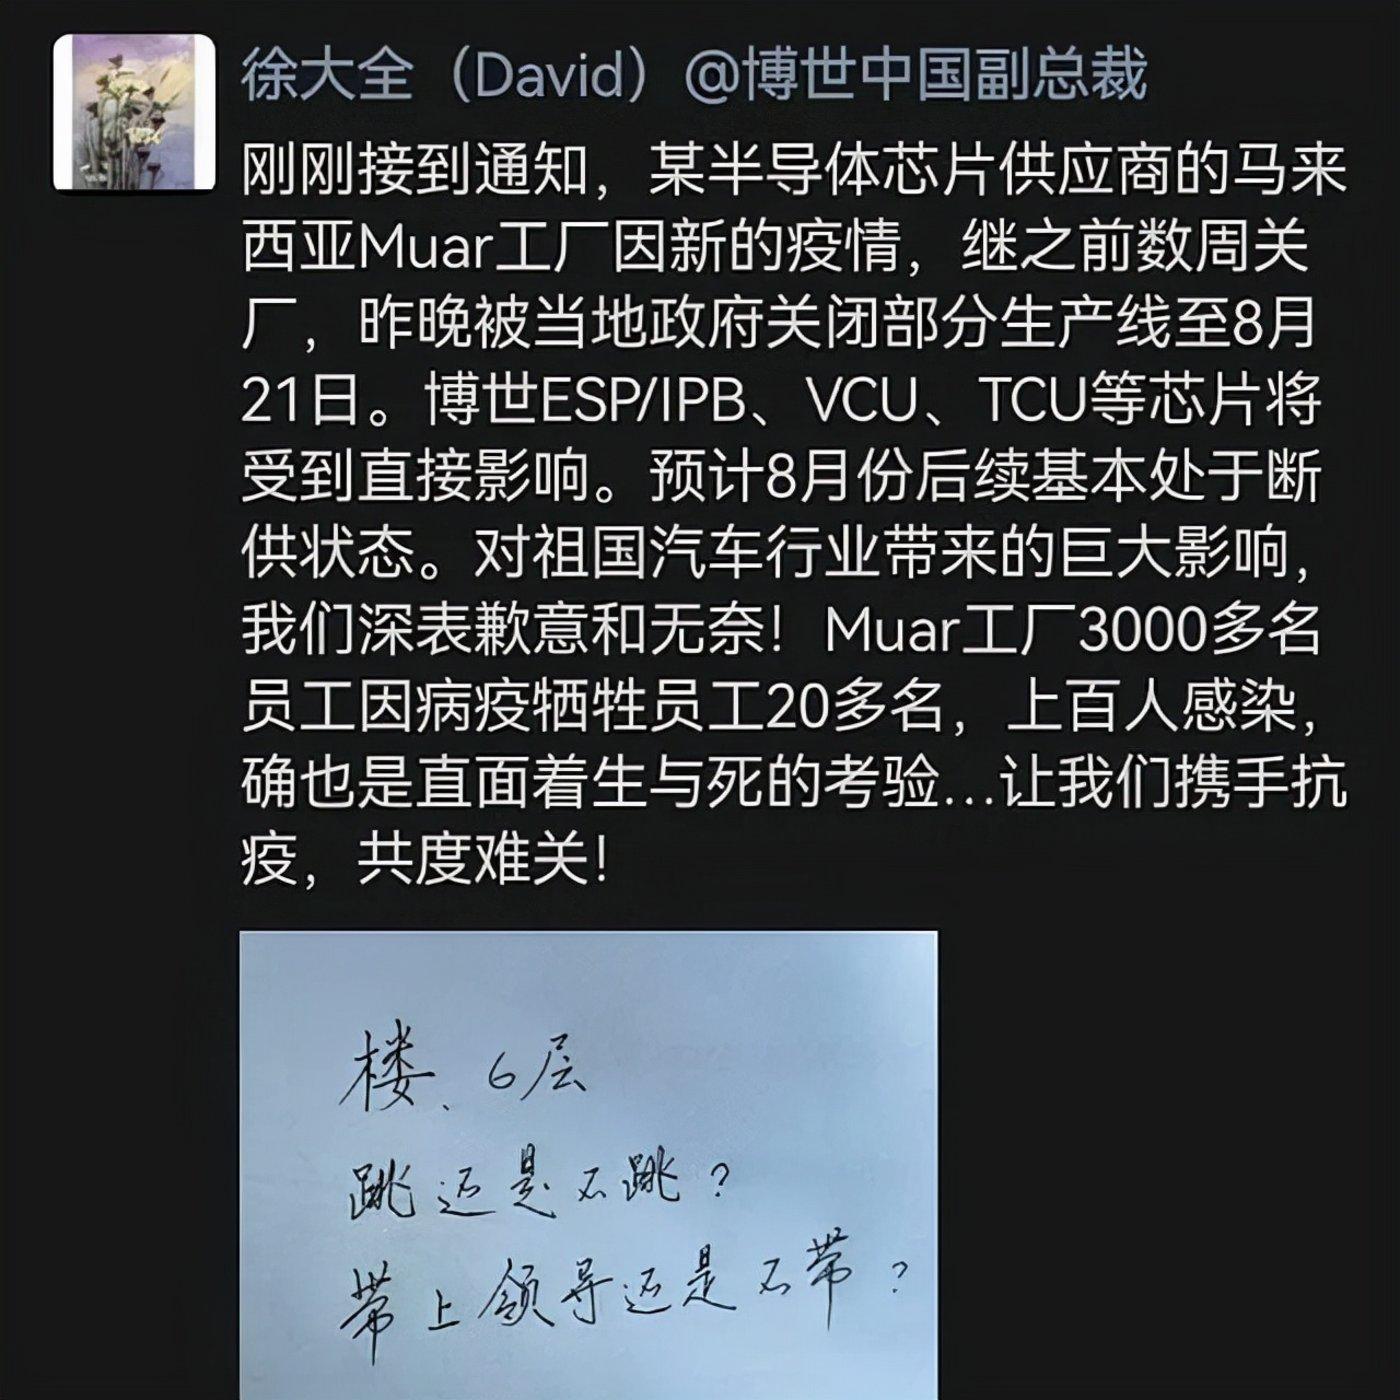 博世中国徐大全朋友圈 图源网络